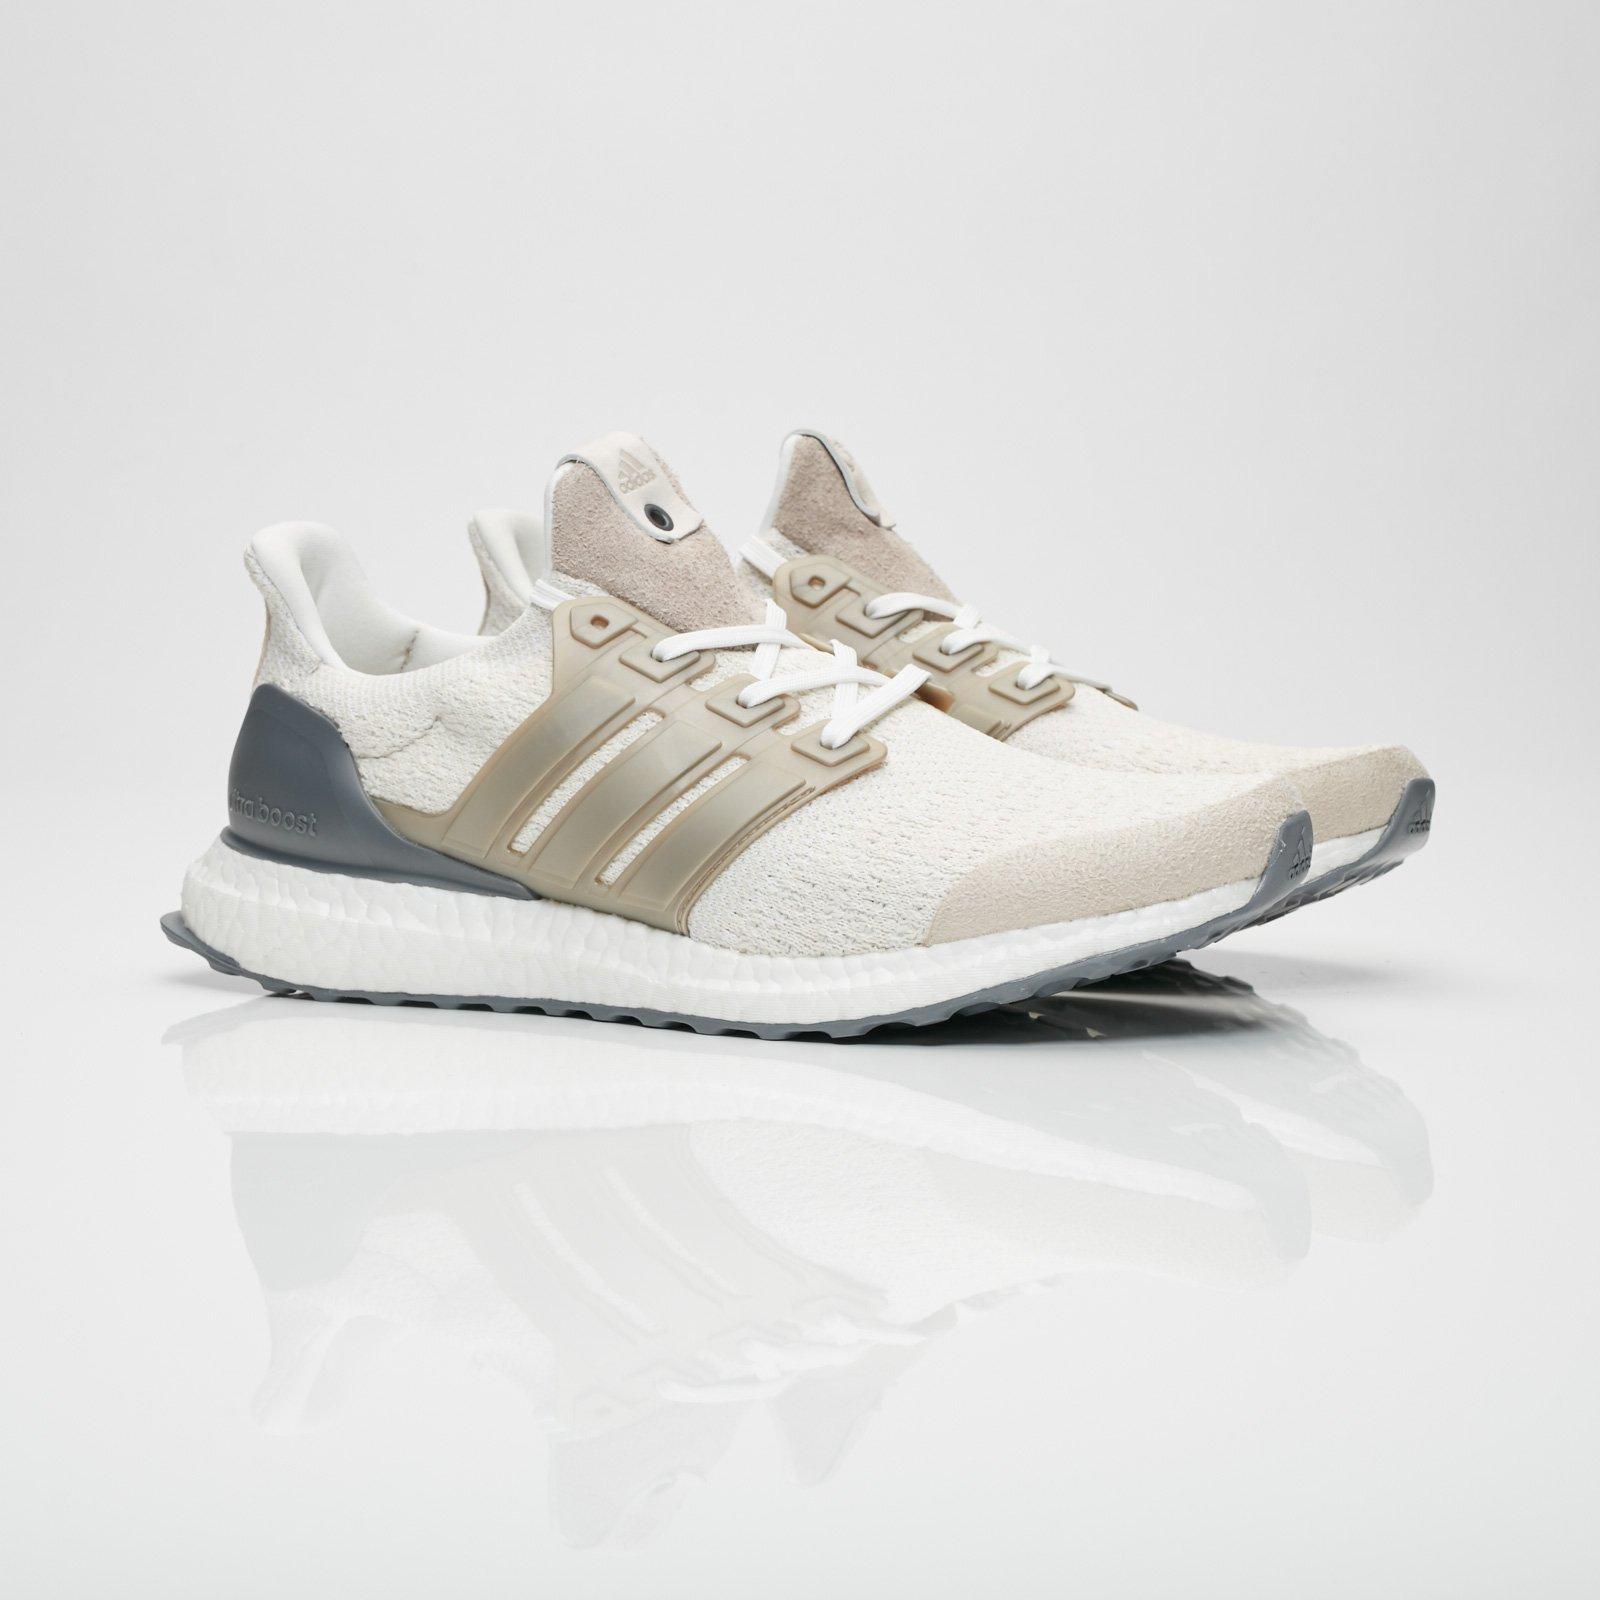 b92c3f5c5e2 adidas UltraBOOST Lux - Db0338 - Sneakersnstuff